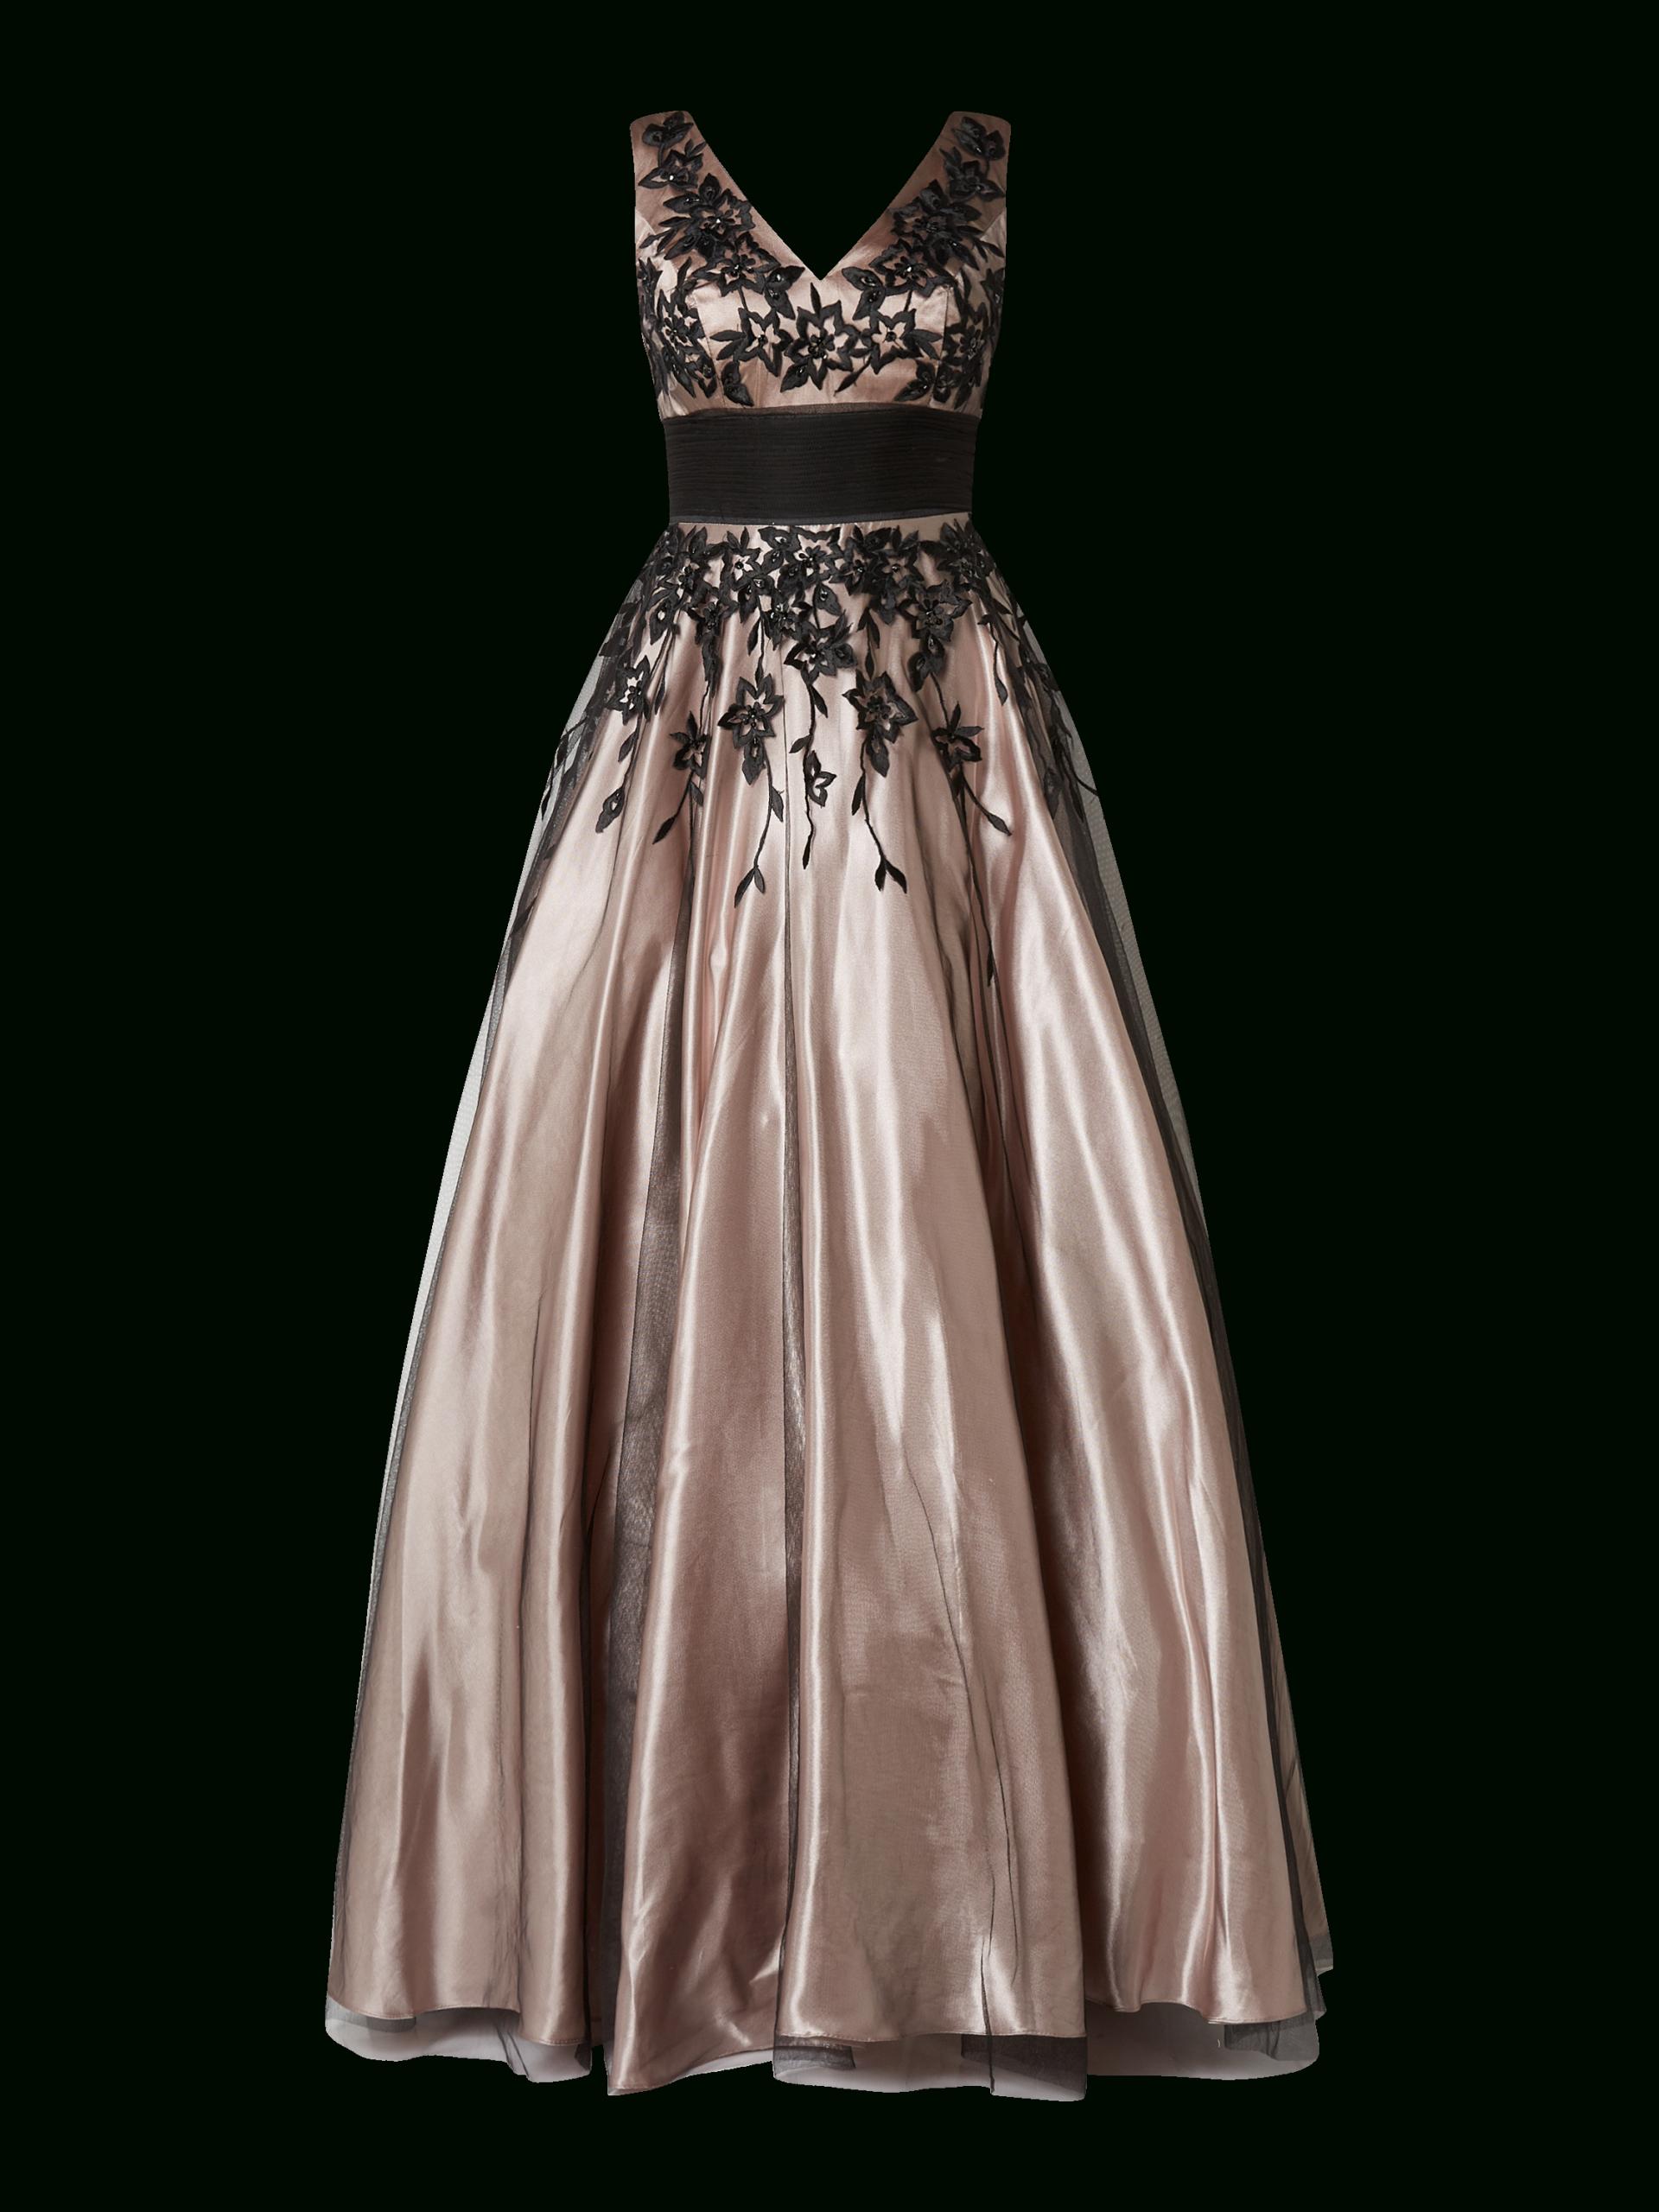 20 Luxurius Niente Abendkleid Schwarz SpezialgebietFormal Fantastisch Niente Abendkleid Schwarz Design